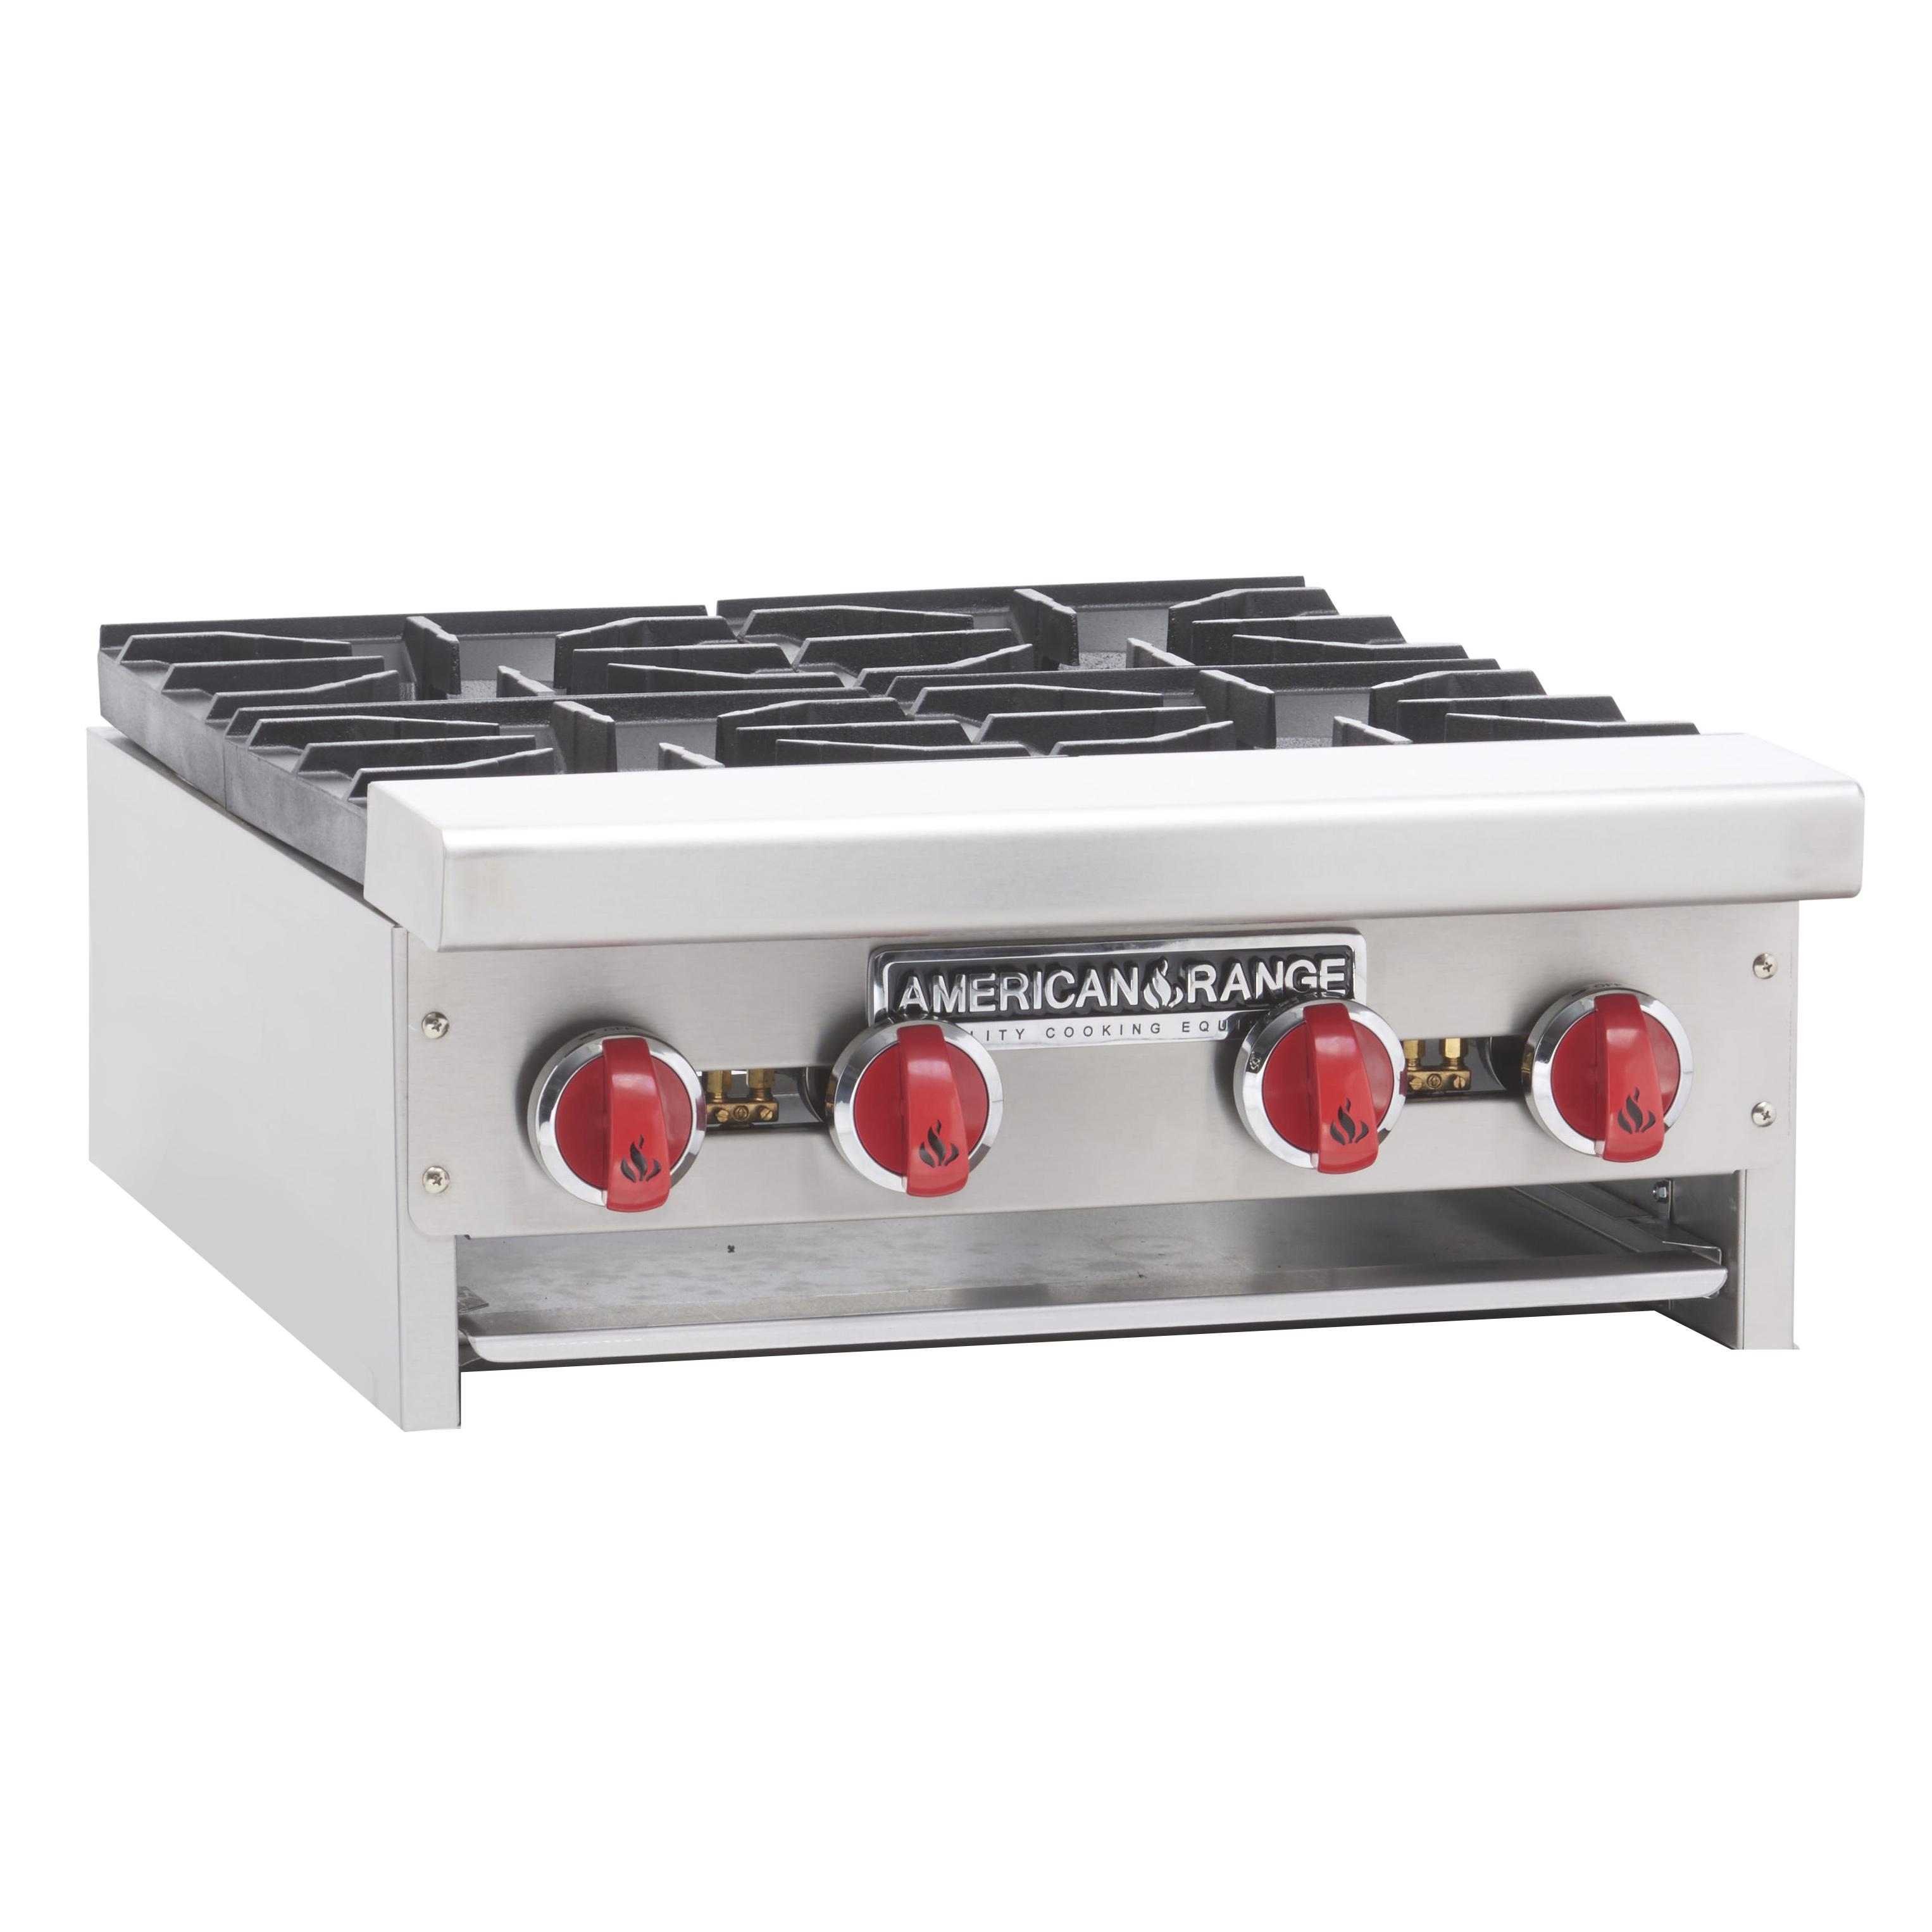 American Range ARHP-48-4 hotplate, countertop, gas